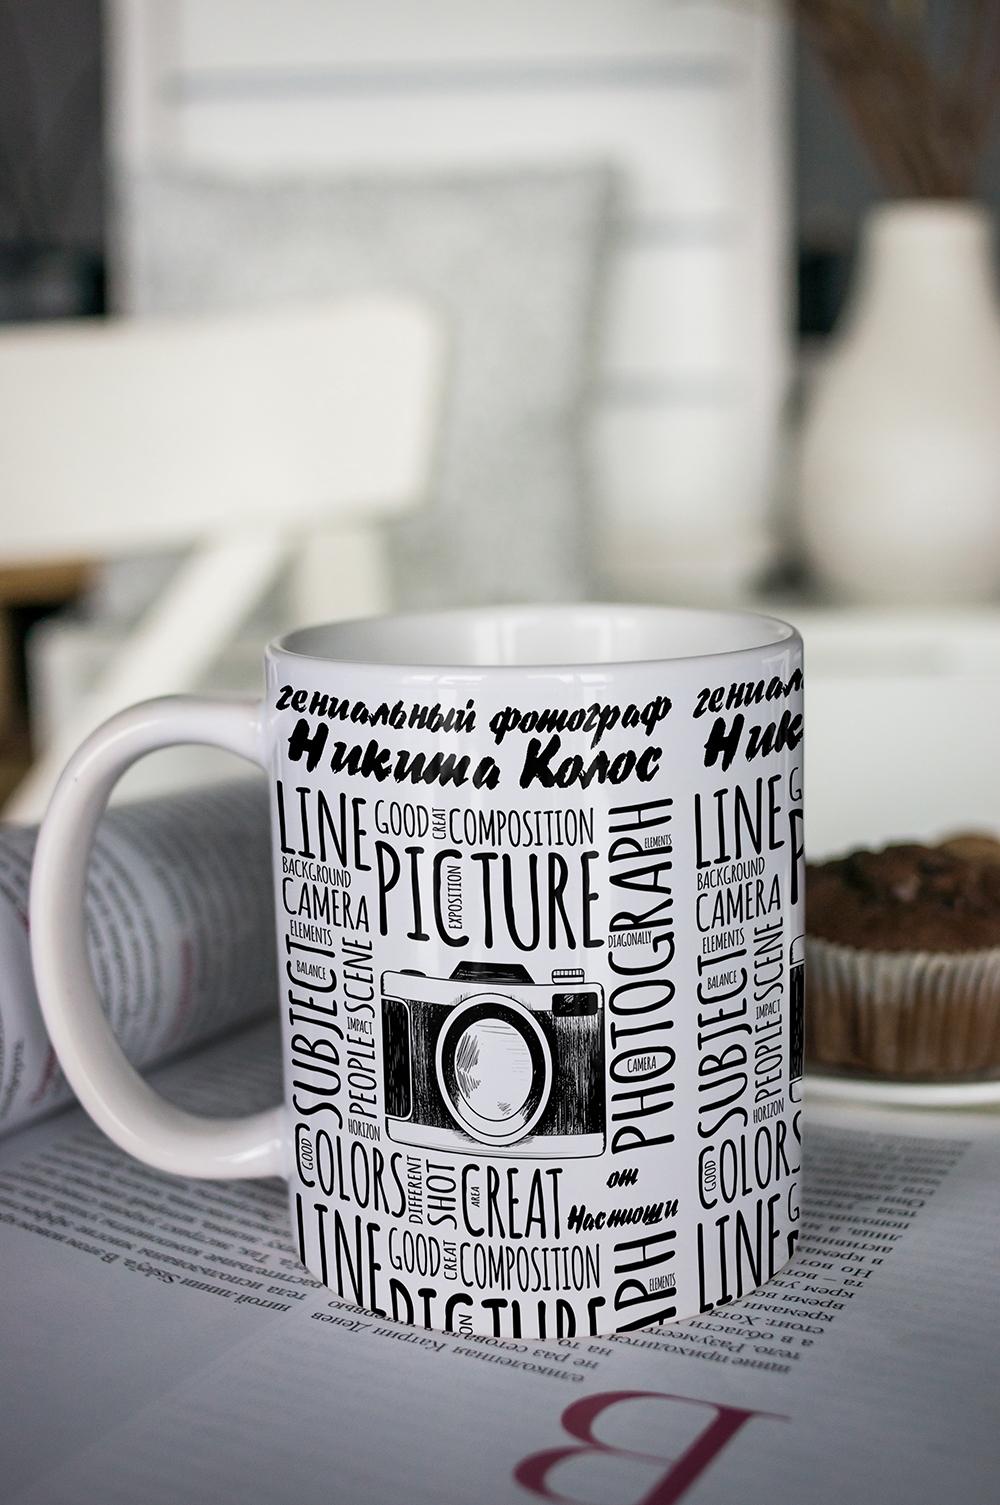 Кружка с вашим текстом ФотографуПосуда<br>Кружка с именем и эксклюзивным оформлением -стильный, красивый и оригинальный подарок для себя и друзей! Выберите понравившийся дизайн при помощи нашего конструктора, впишите имя и надпись – вот и готов незабываемый подарок! Размер: 310мл, Выс=9.5см. Материал: керамика<br>